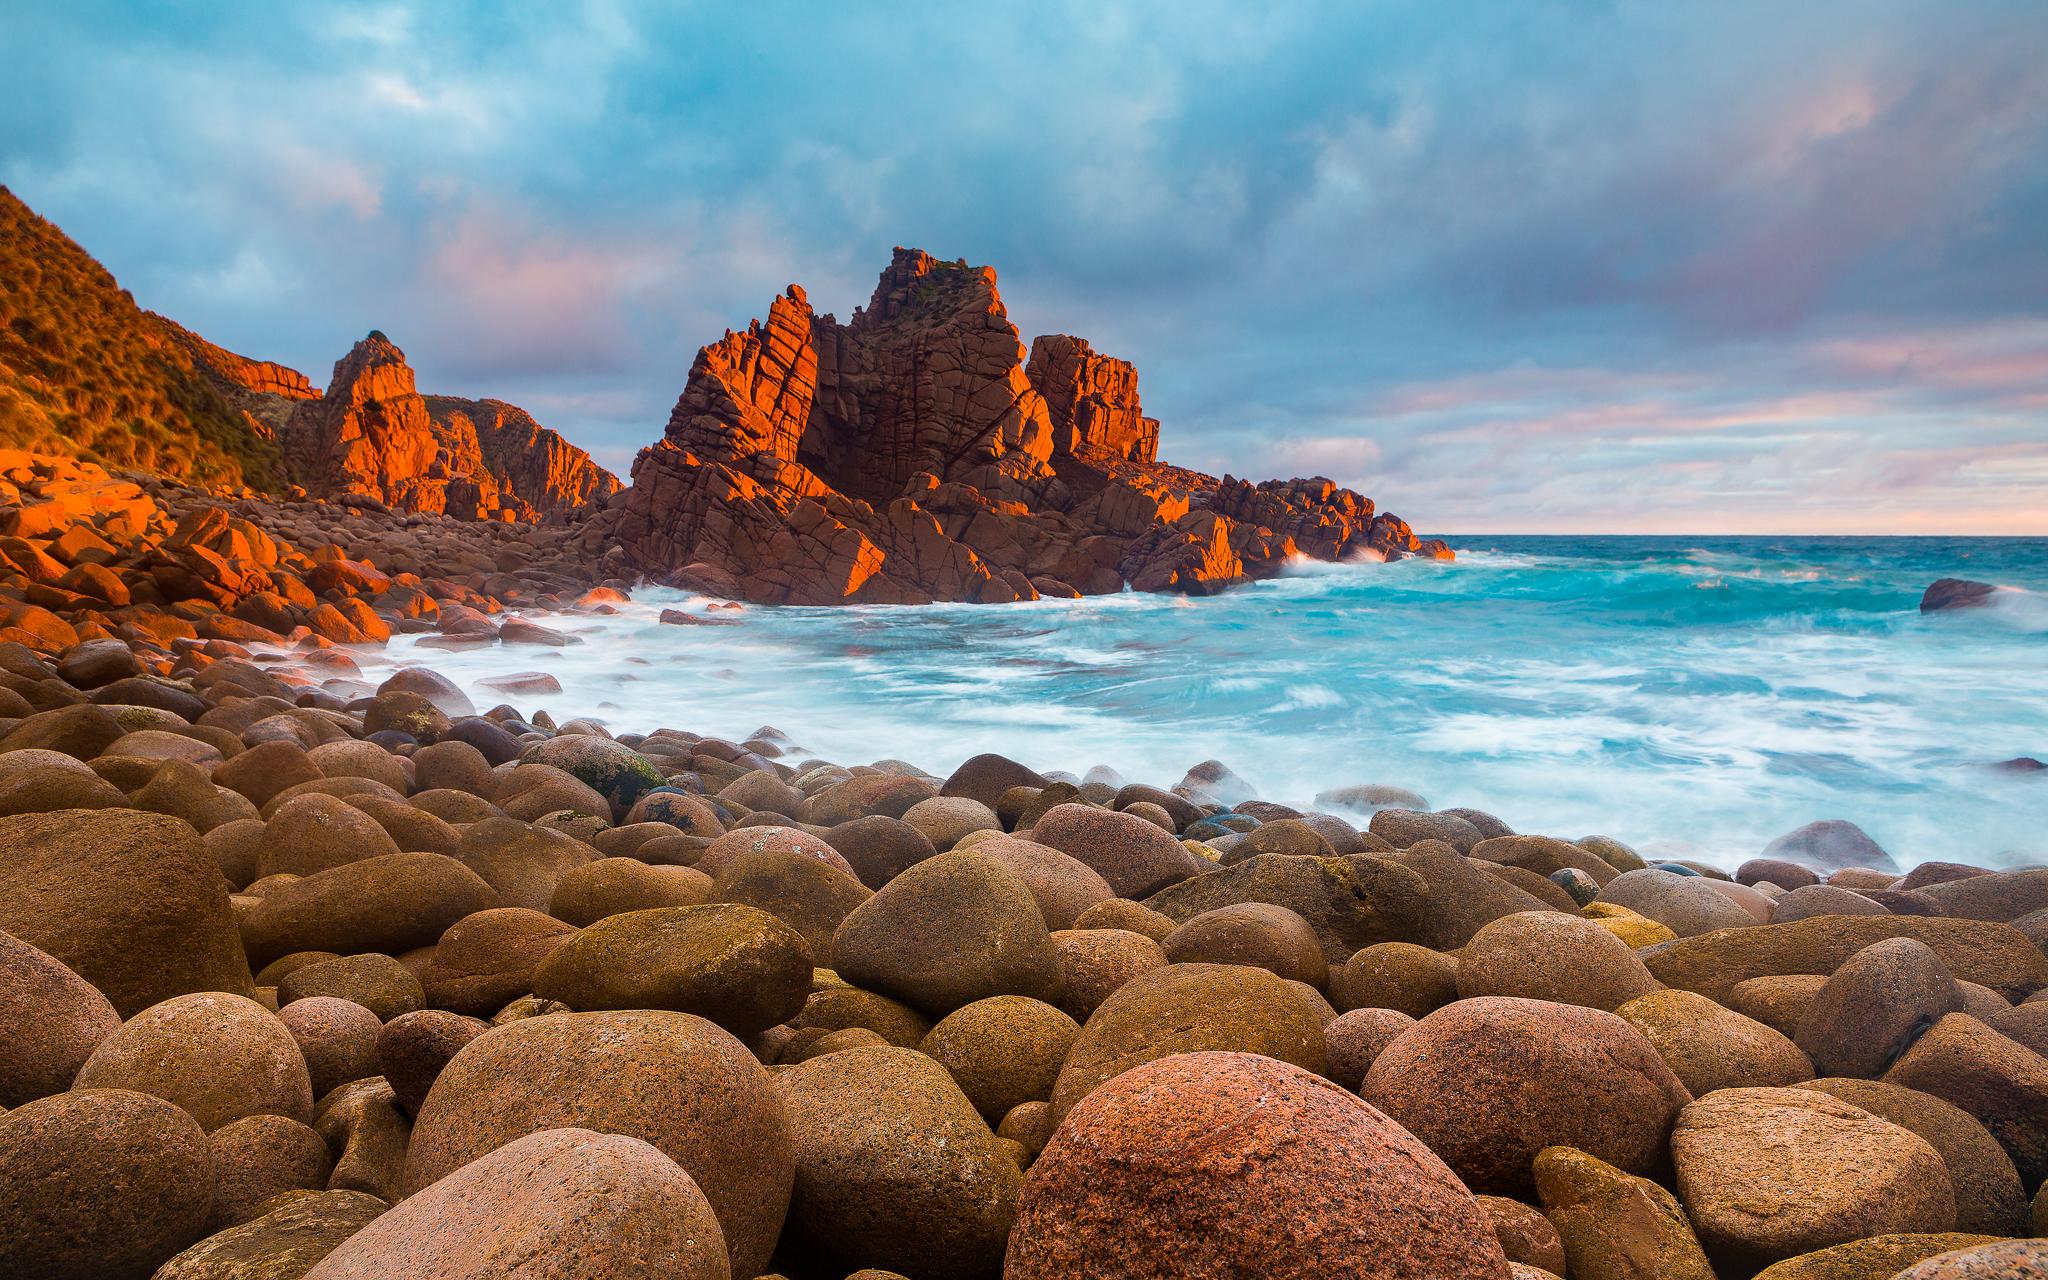 Sunset phillip island